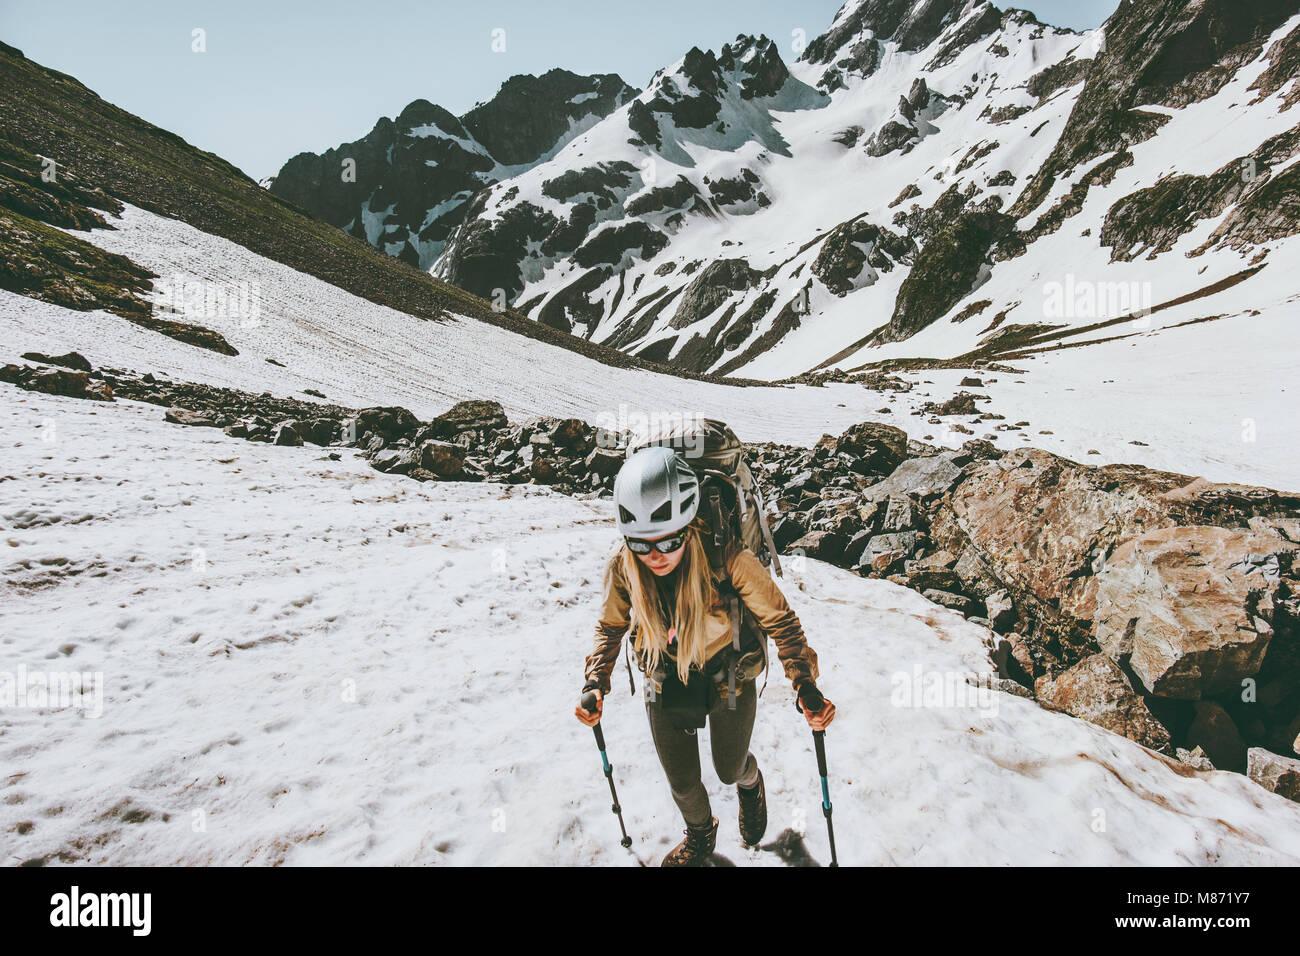 Aktive Frau Klettern in verschneiten Bergen Reisen lifestyle Abenteuer Konzept extreme Urlaub Outdoor Gear Stockbild